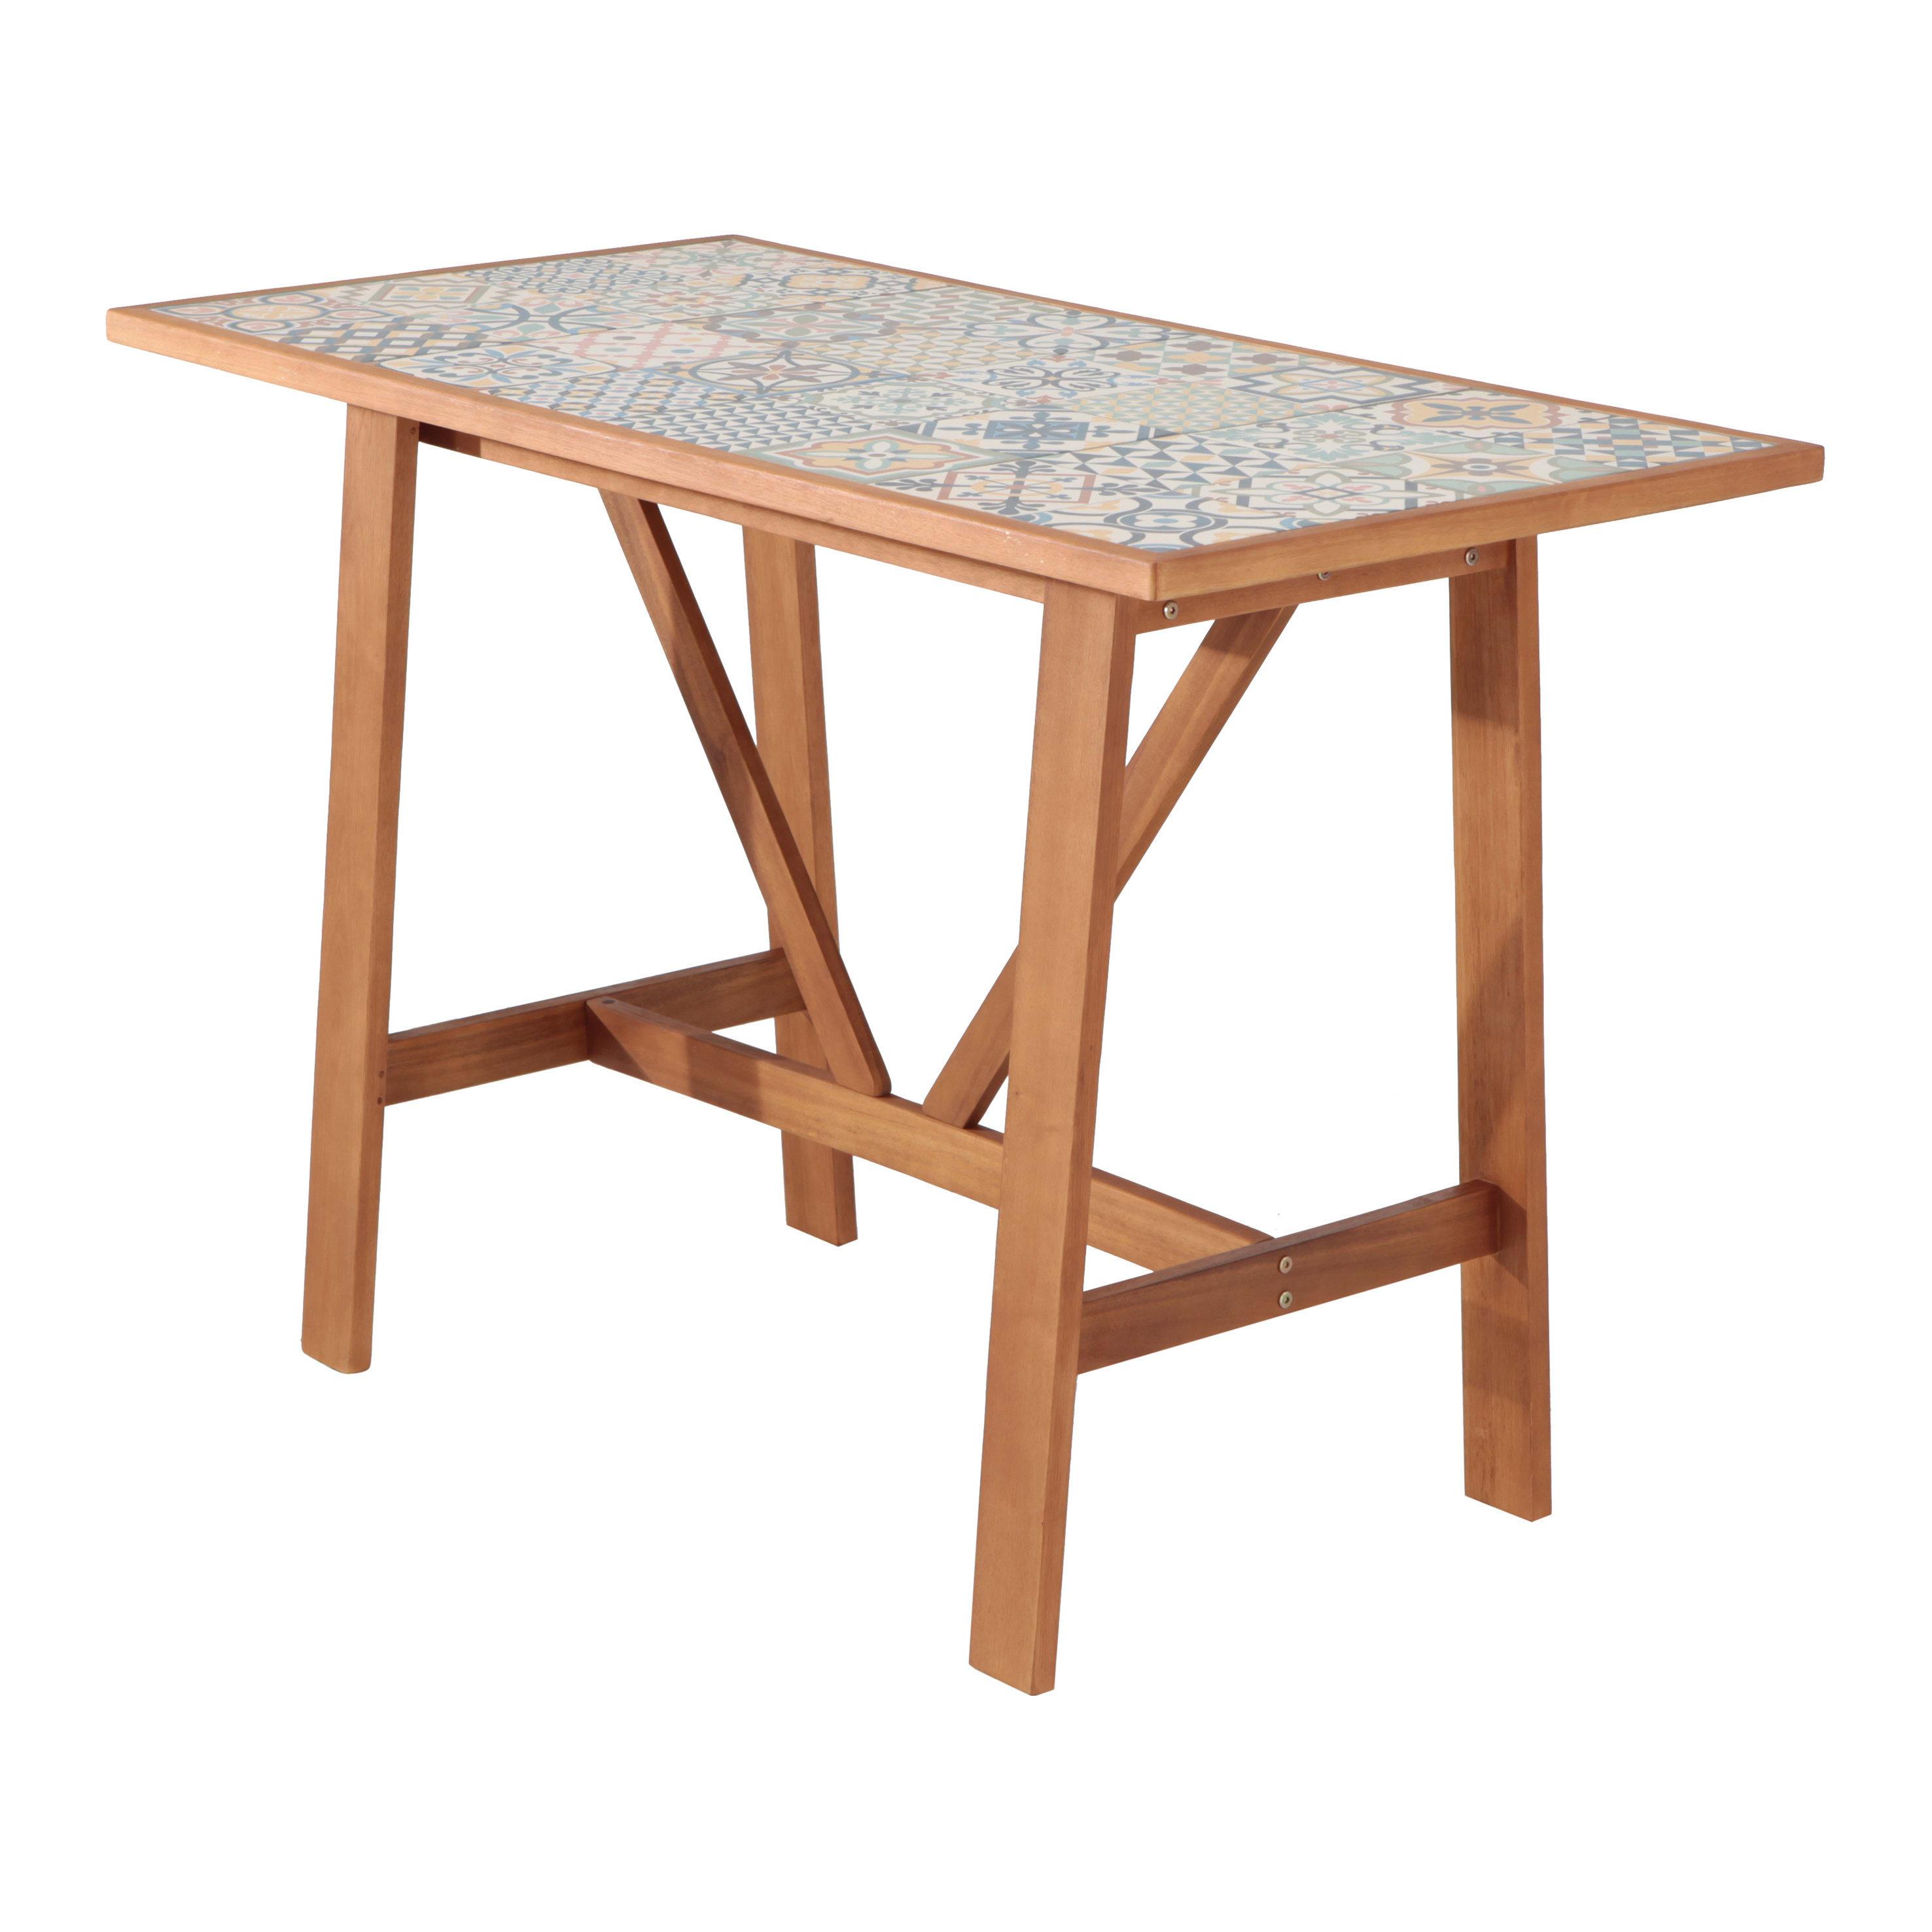 Tavolo Da Giardino Rettangolare Soho Con Piano In Ceramica L 72 X P 139 Cm Prezzo Online Leroy Merlin